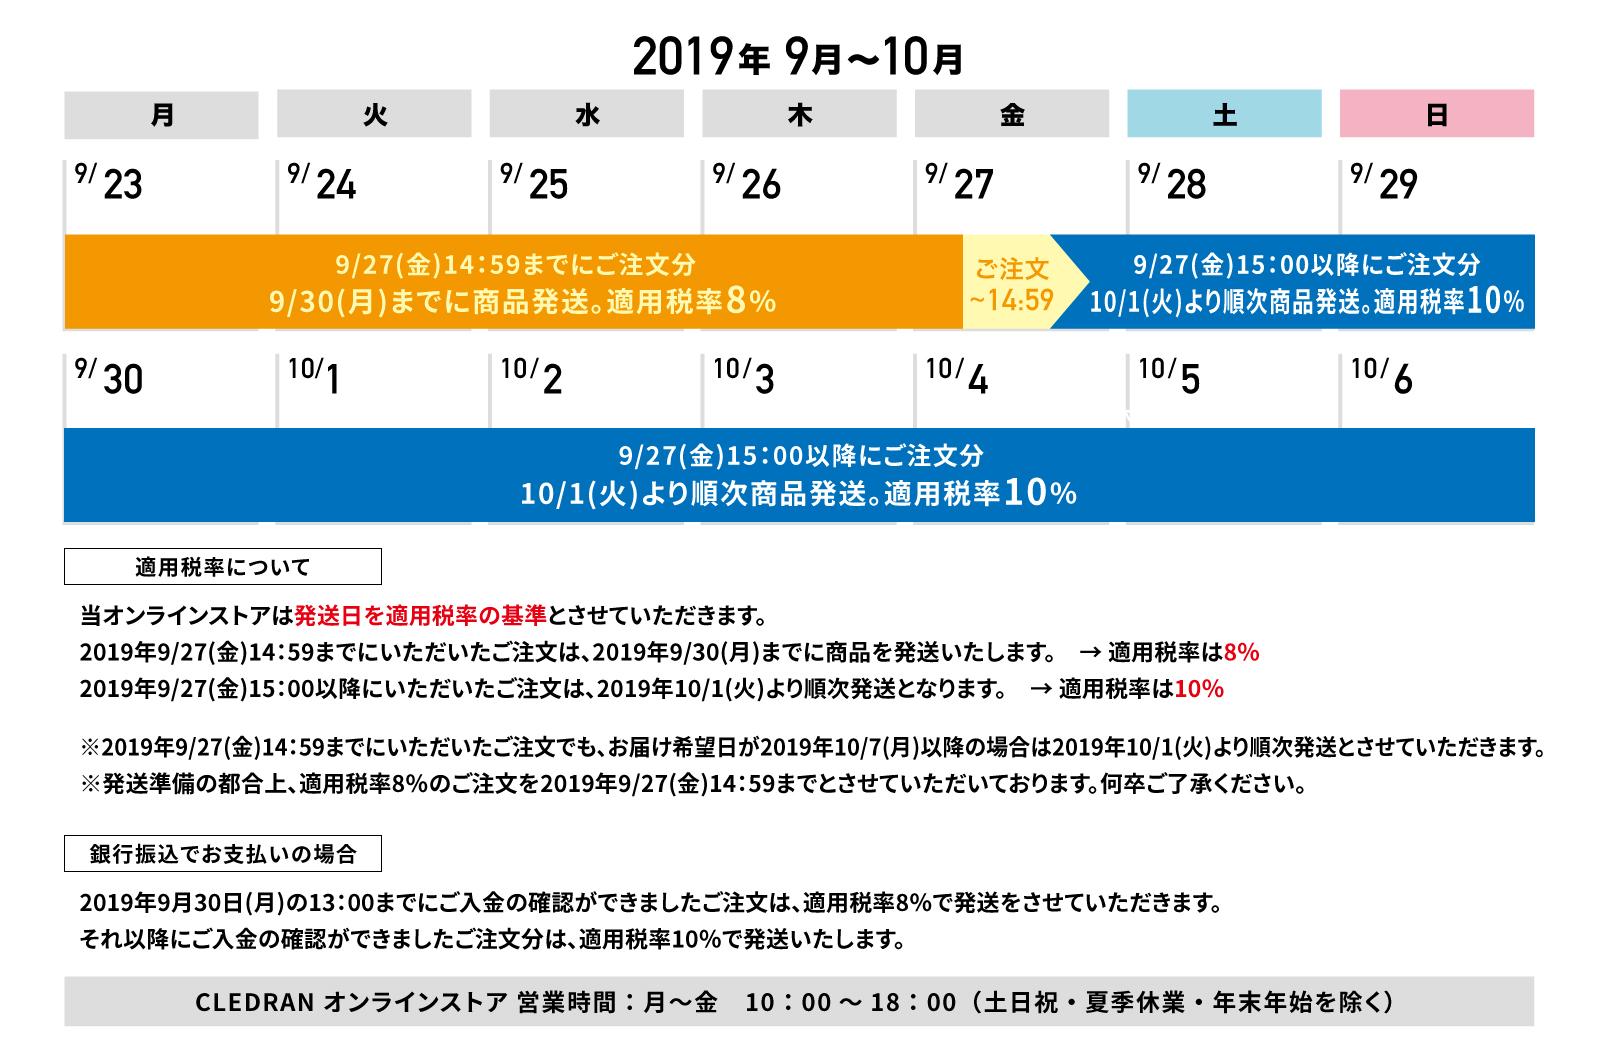 news_zouzei2019.jpg